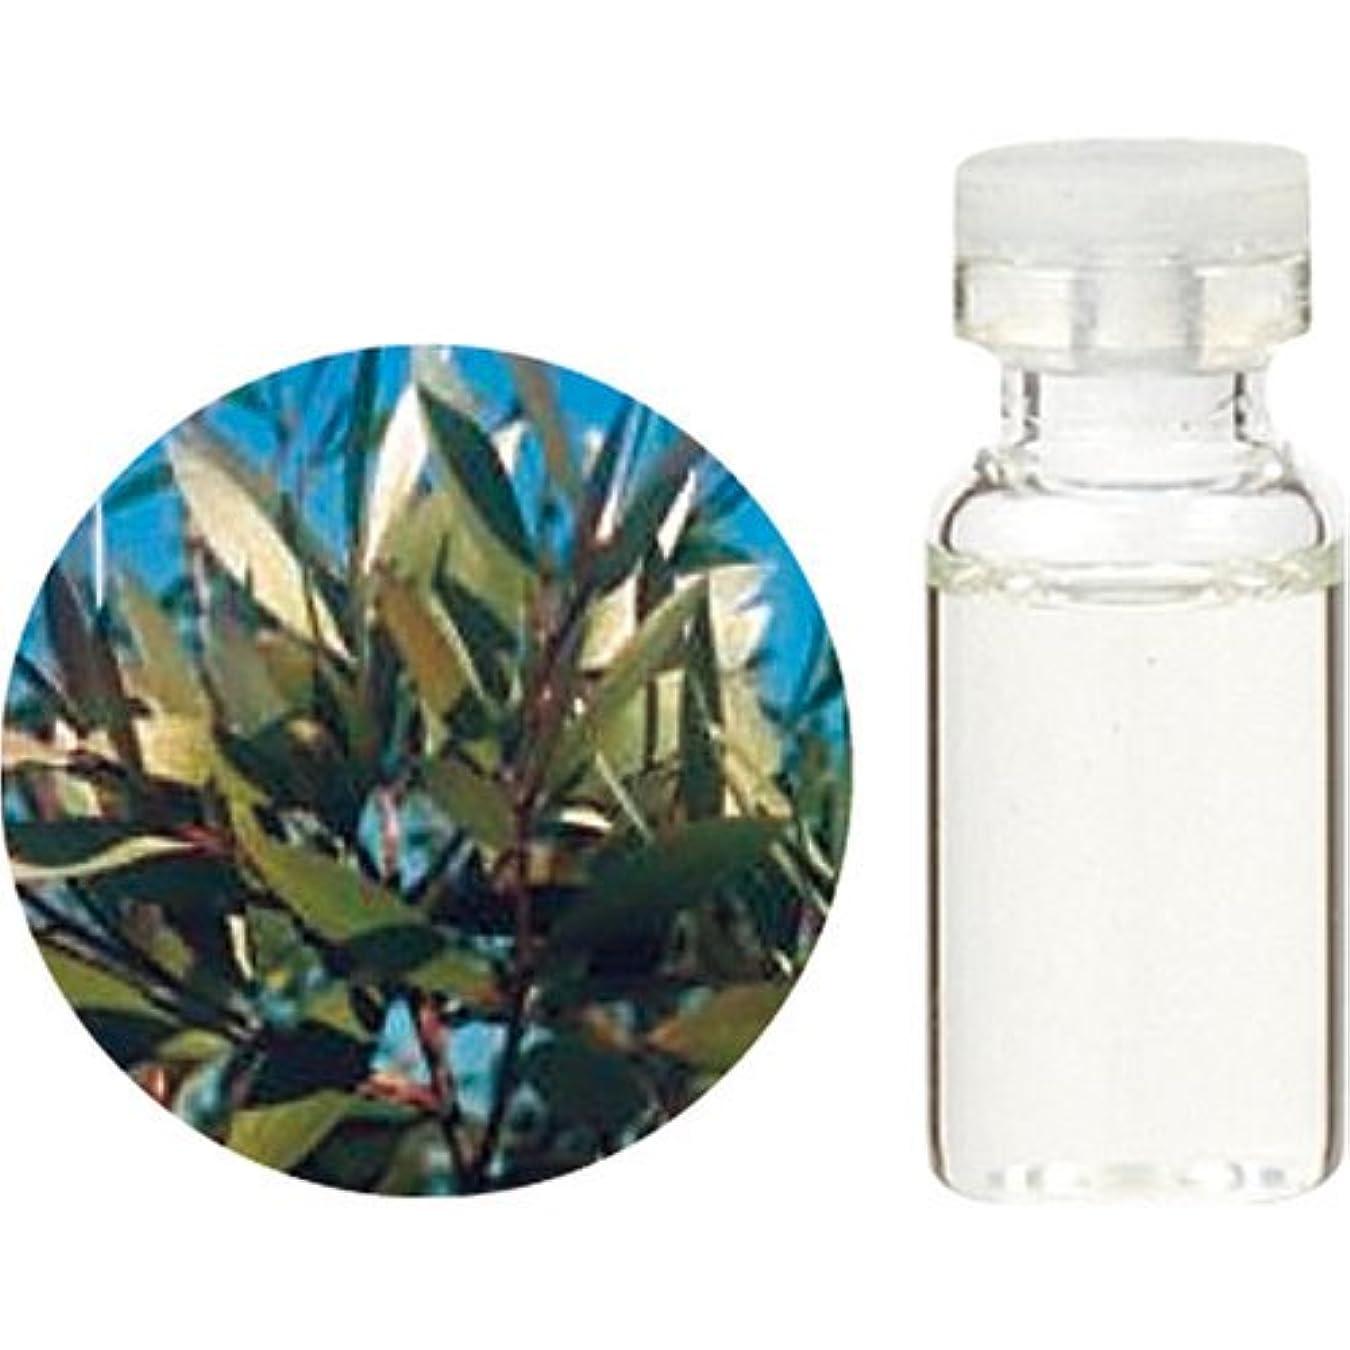 油生命体ジョイント生活の木 Cニアウリ シネオール エッセンシャルオイル 3ml